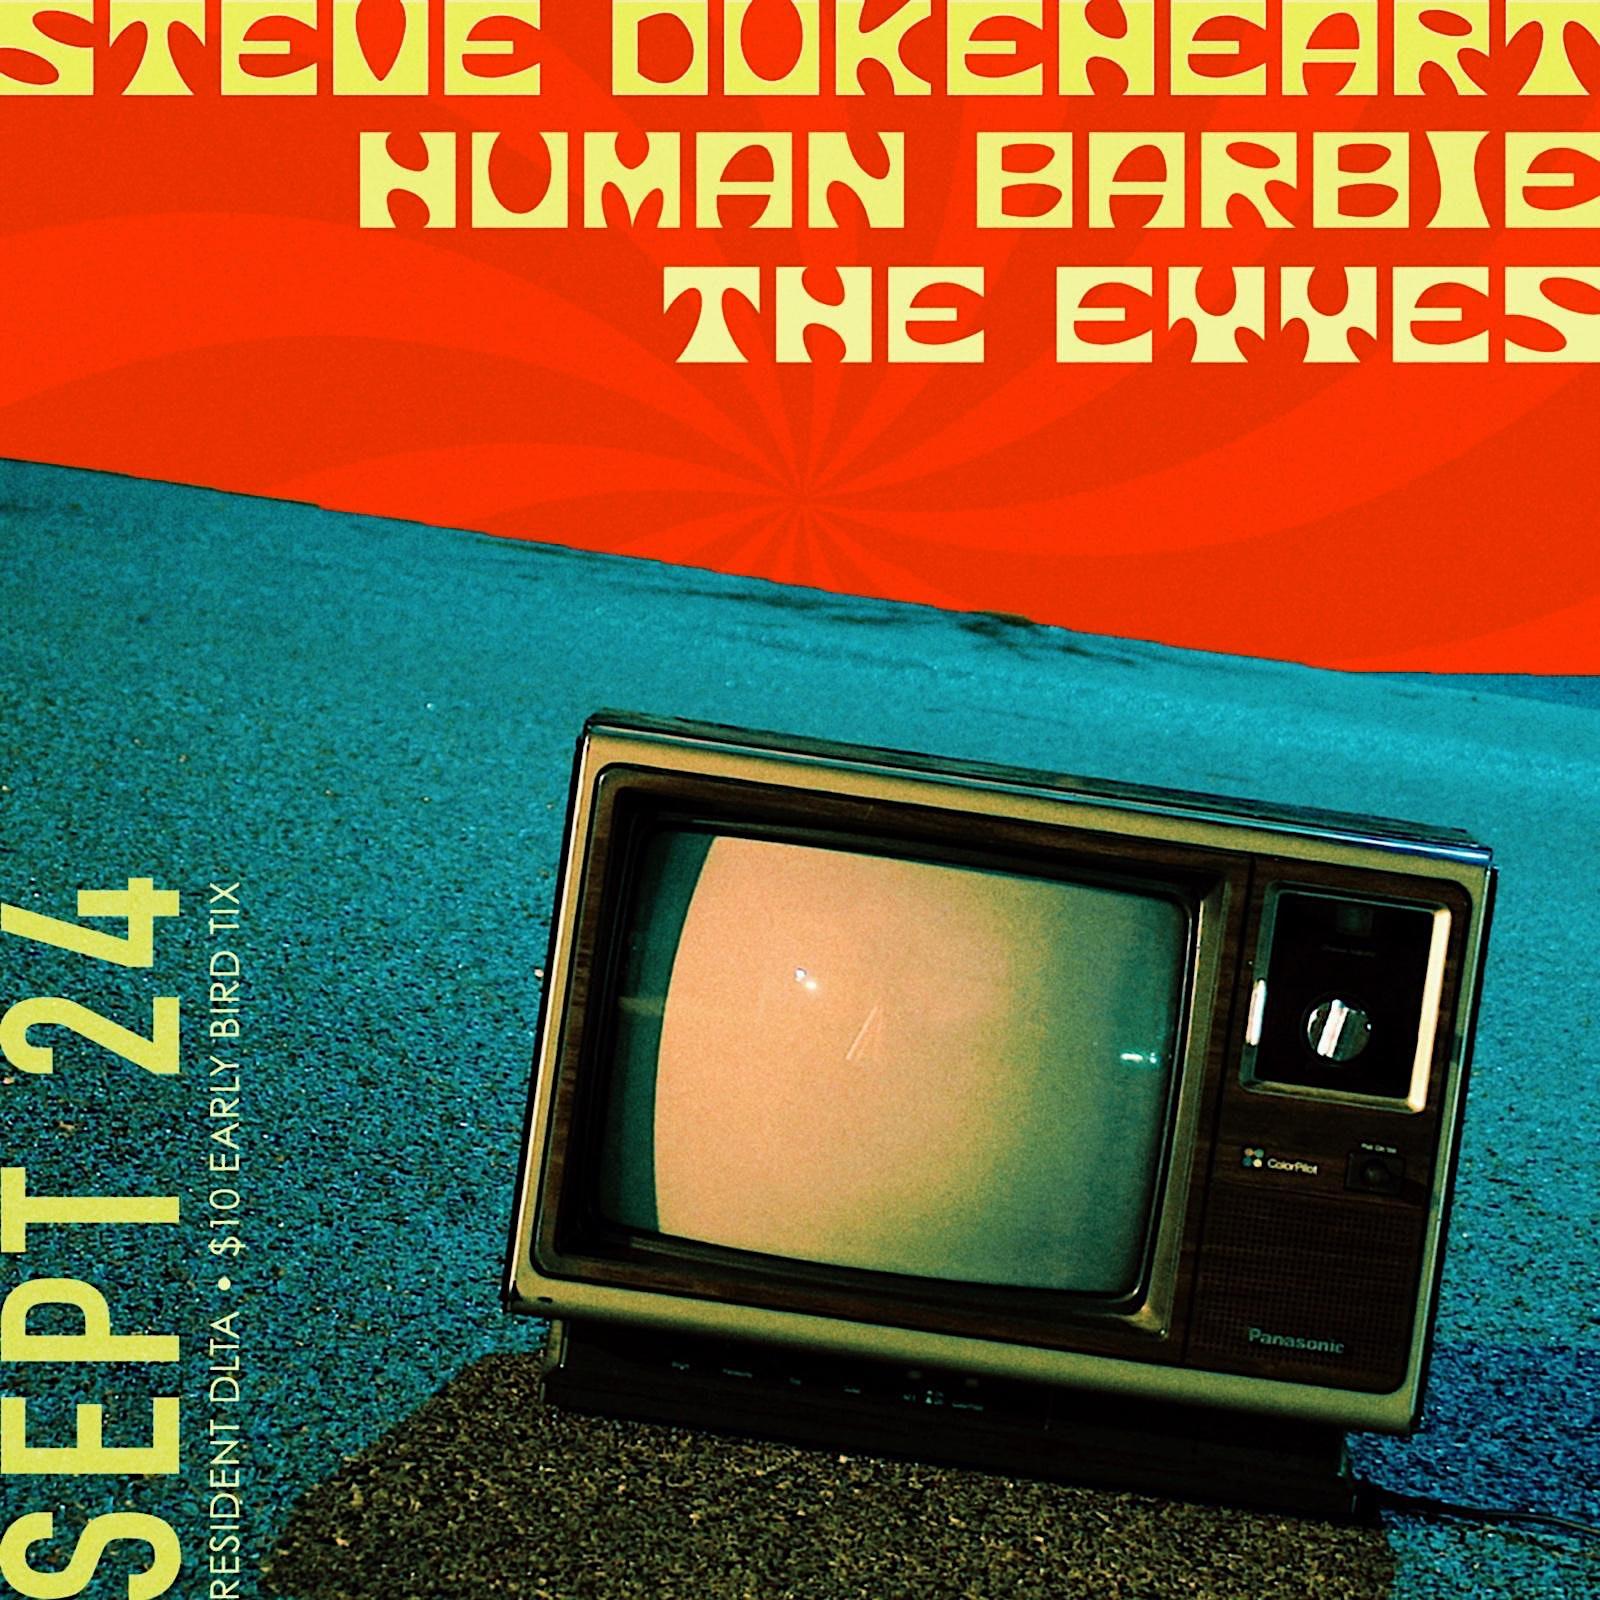 Music & Multimedia - Steve Dukeheart Human Barbie The Eyyes